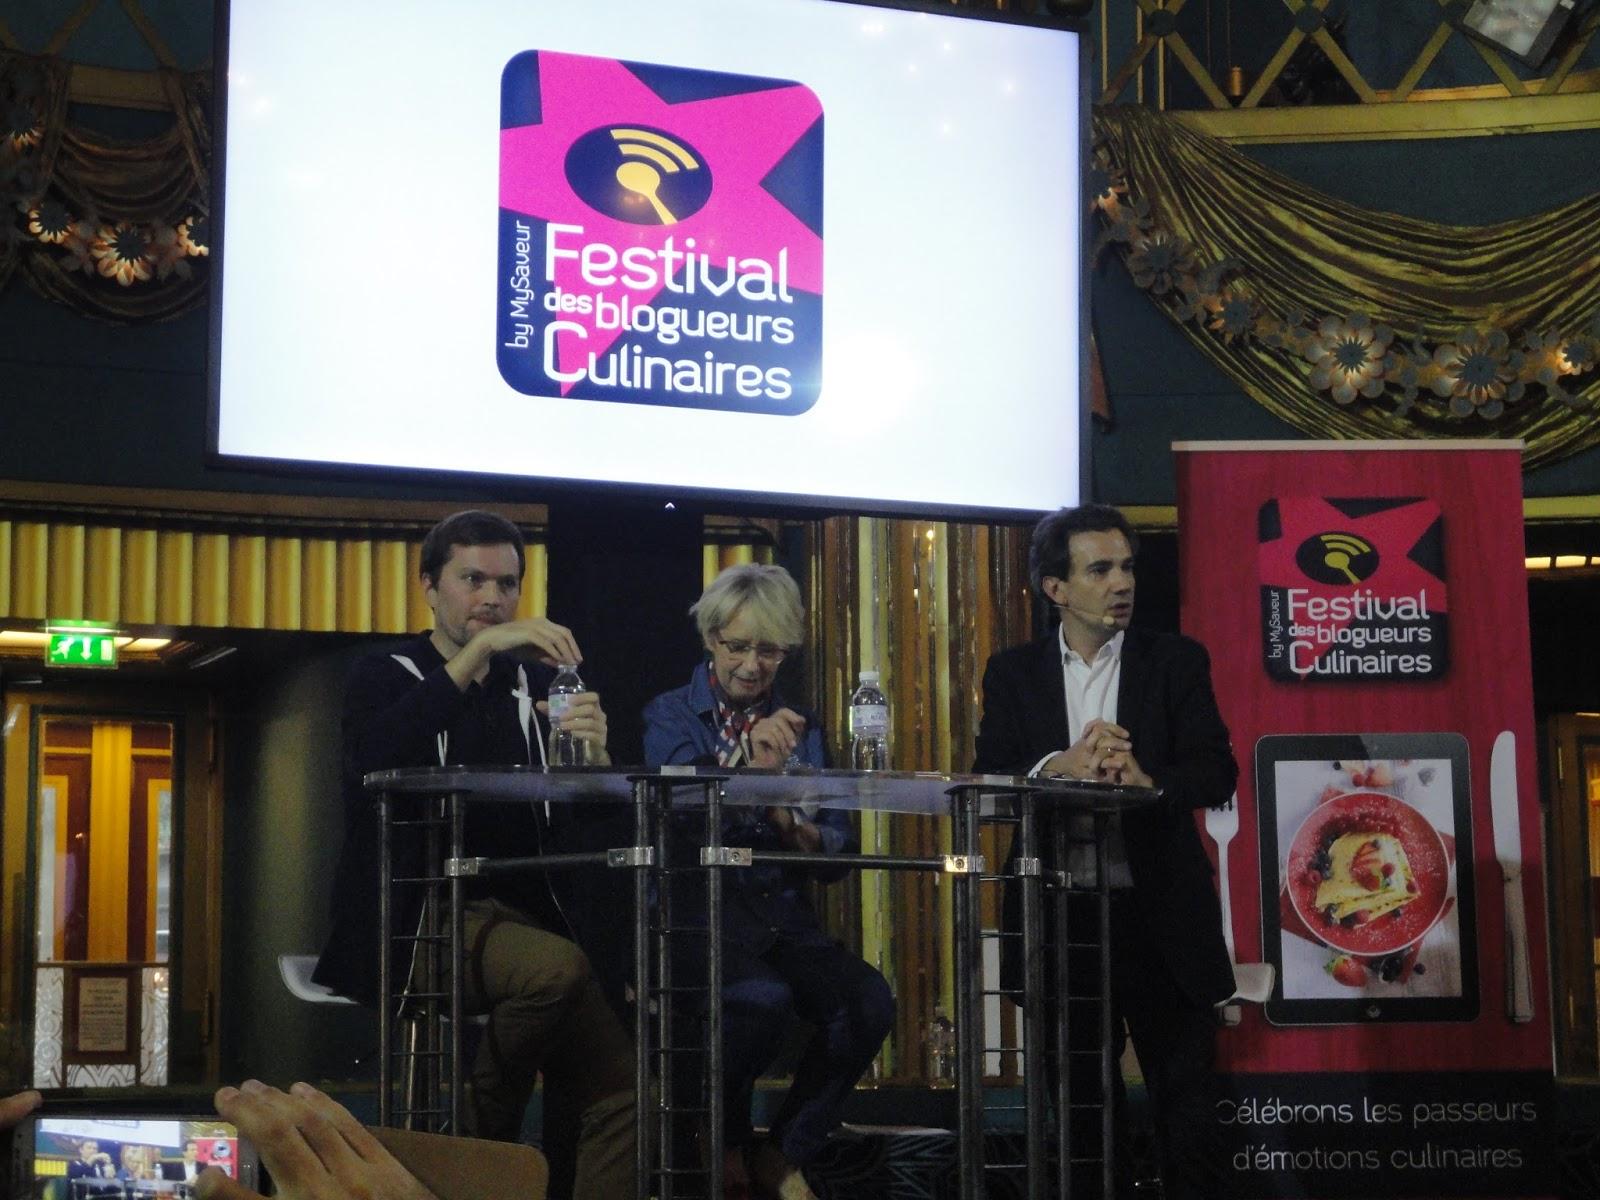 Festival des blogueurs culinaires